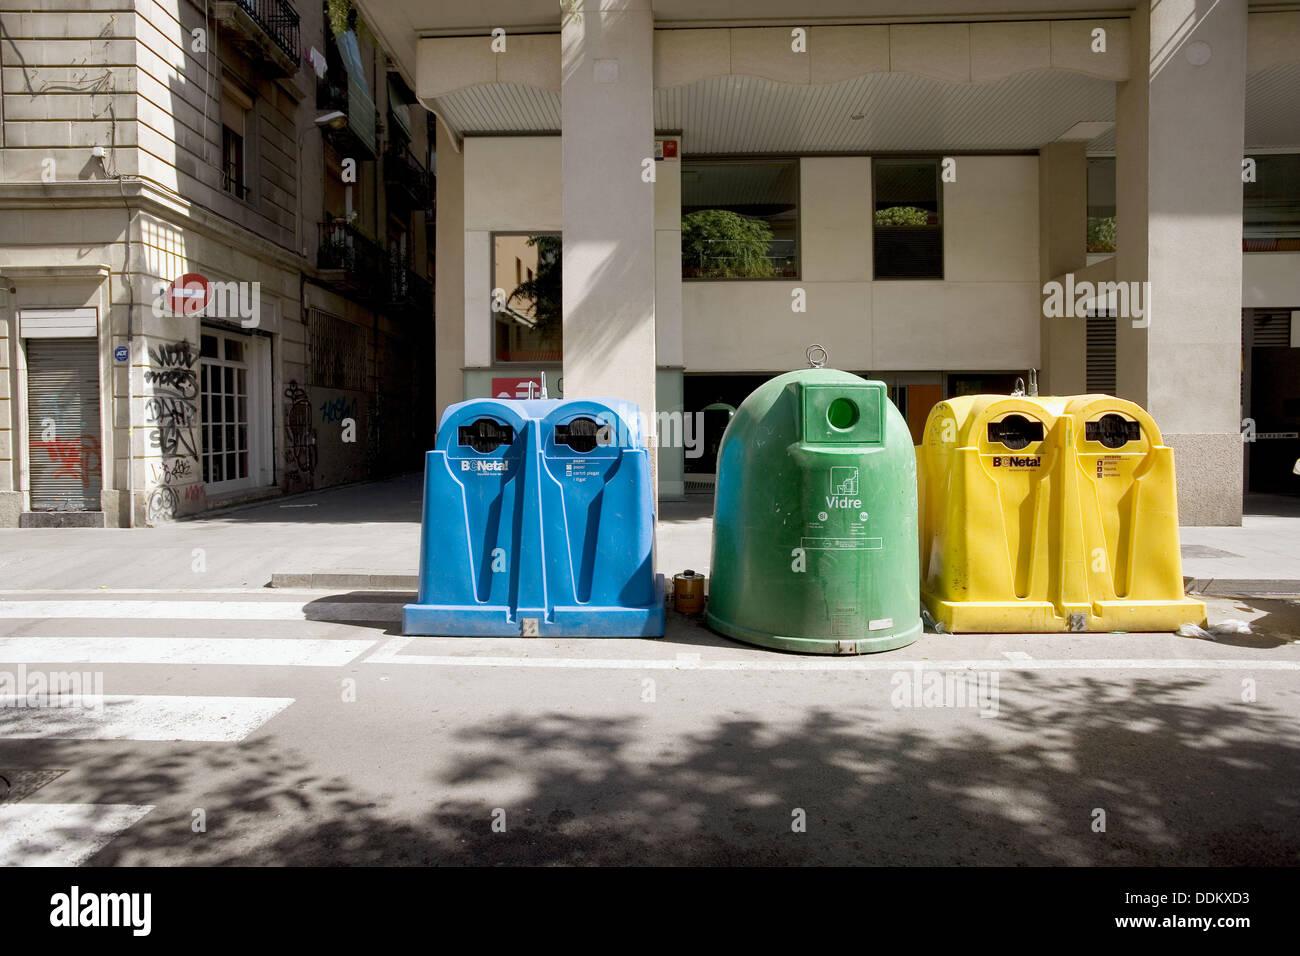 Behälter für die Reciclying aus Papier, Kunststoff und Glas. Barcelona. Spanien. Stockbild